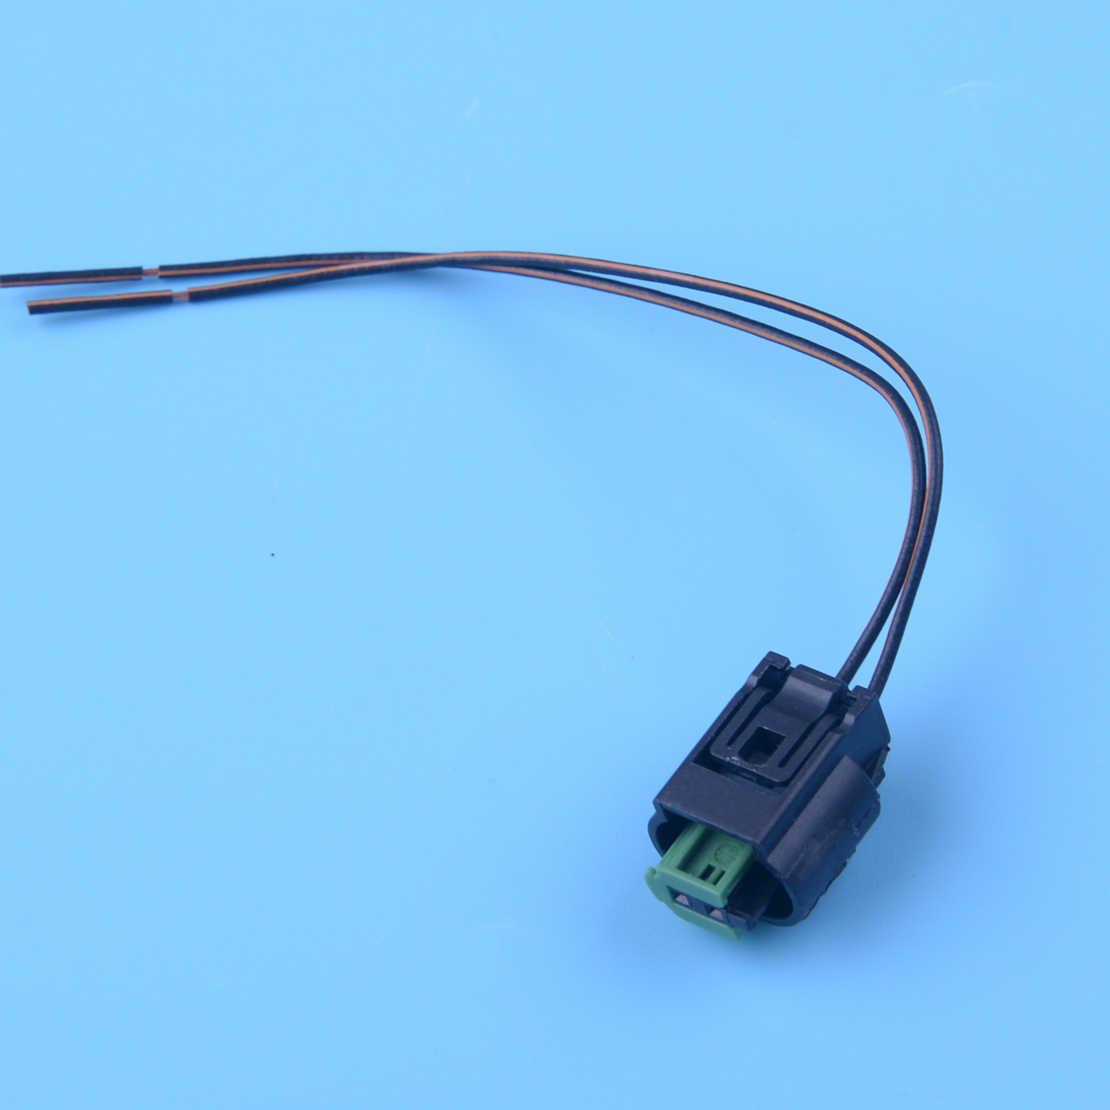 Exterieur Buiten Omgevingstemperatuur Sensor Pigtail Connector Plug Fit Voor BMW 1 6 7 Serie E39 Auto Accessoires